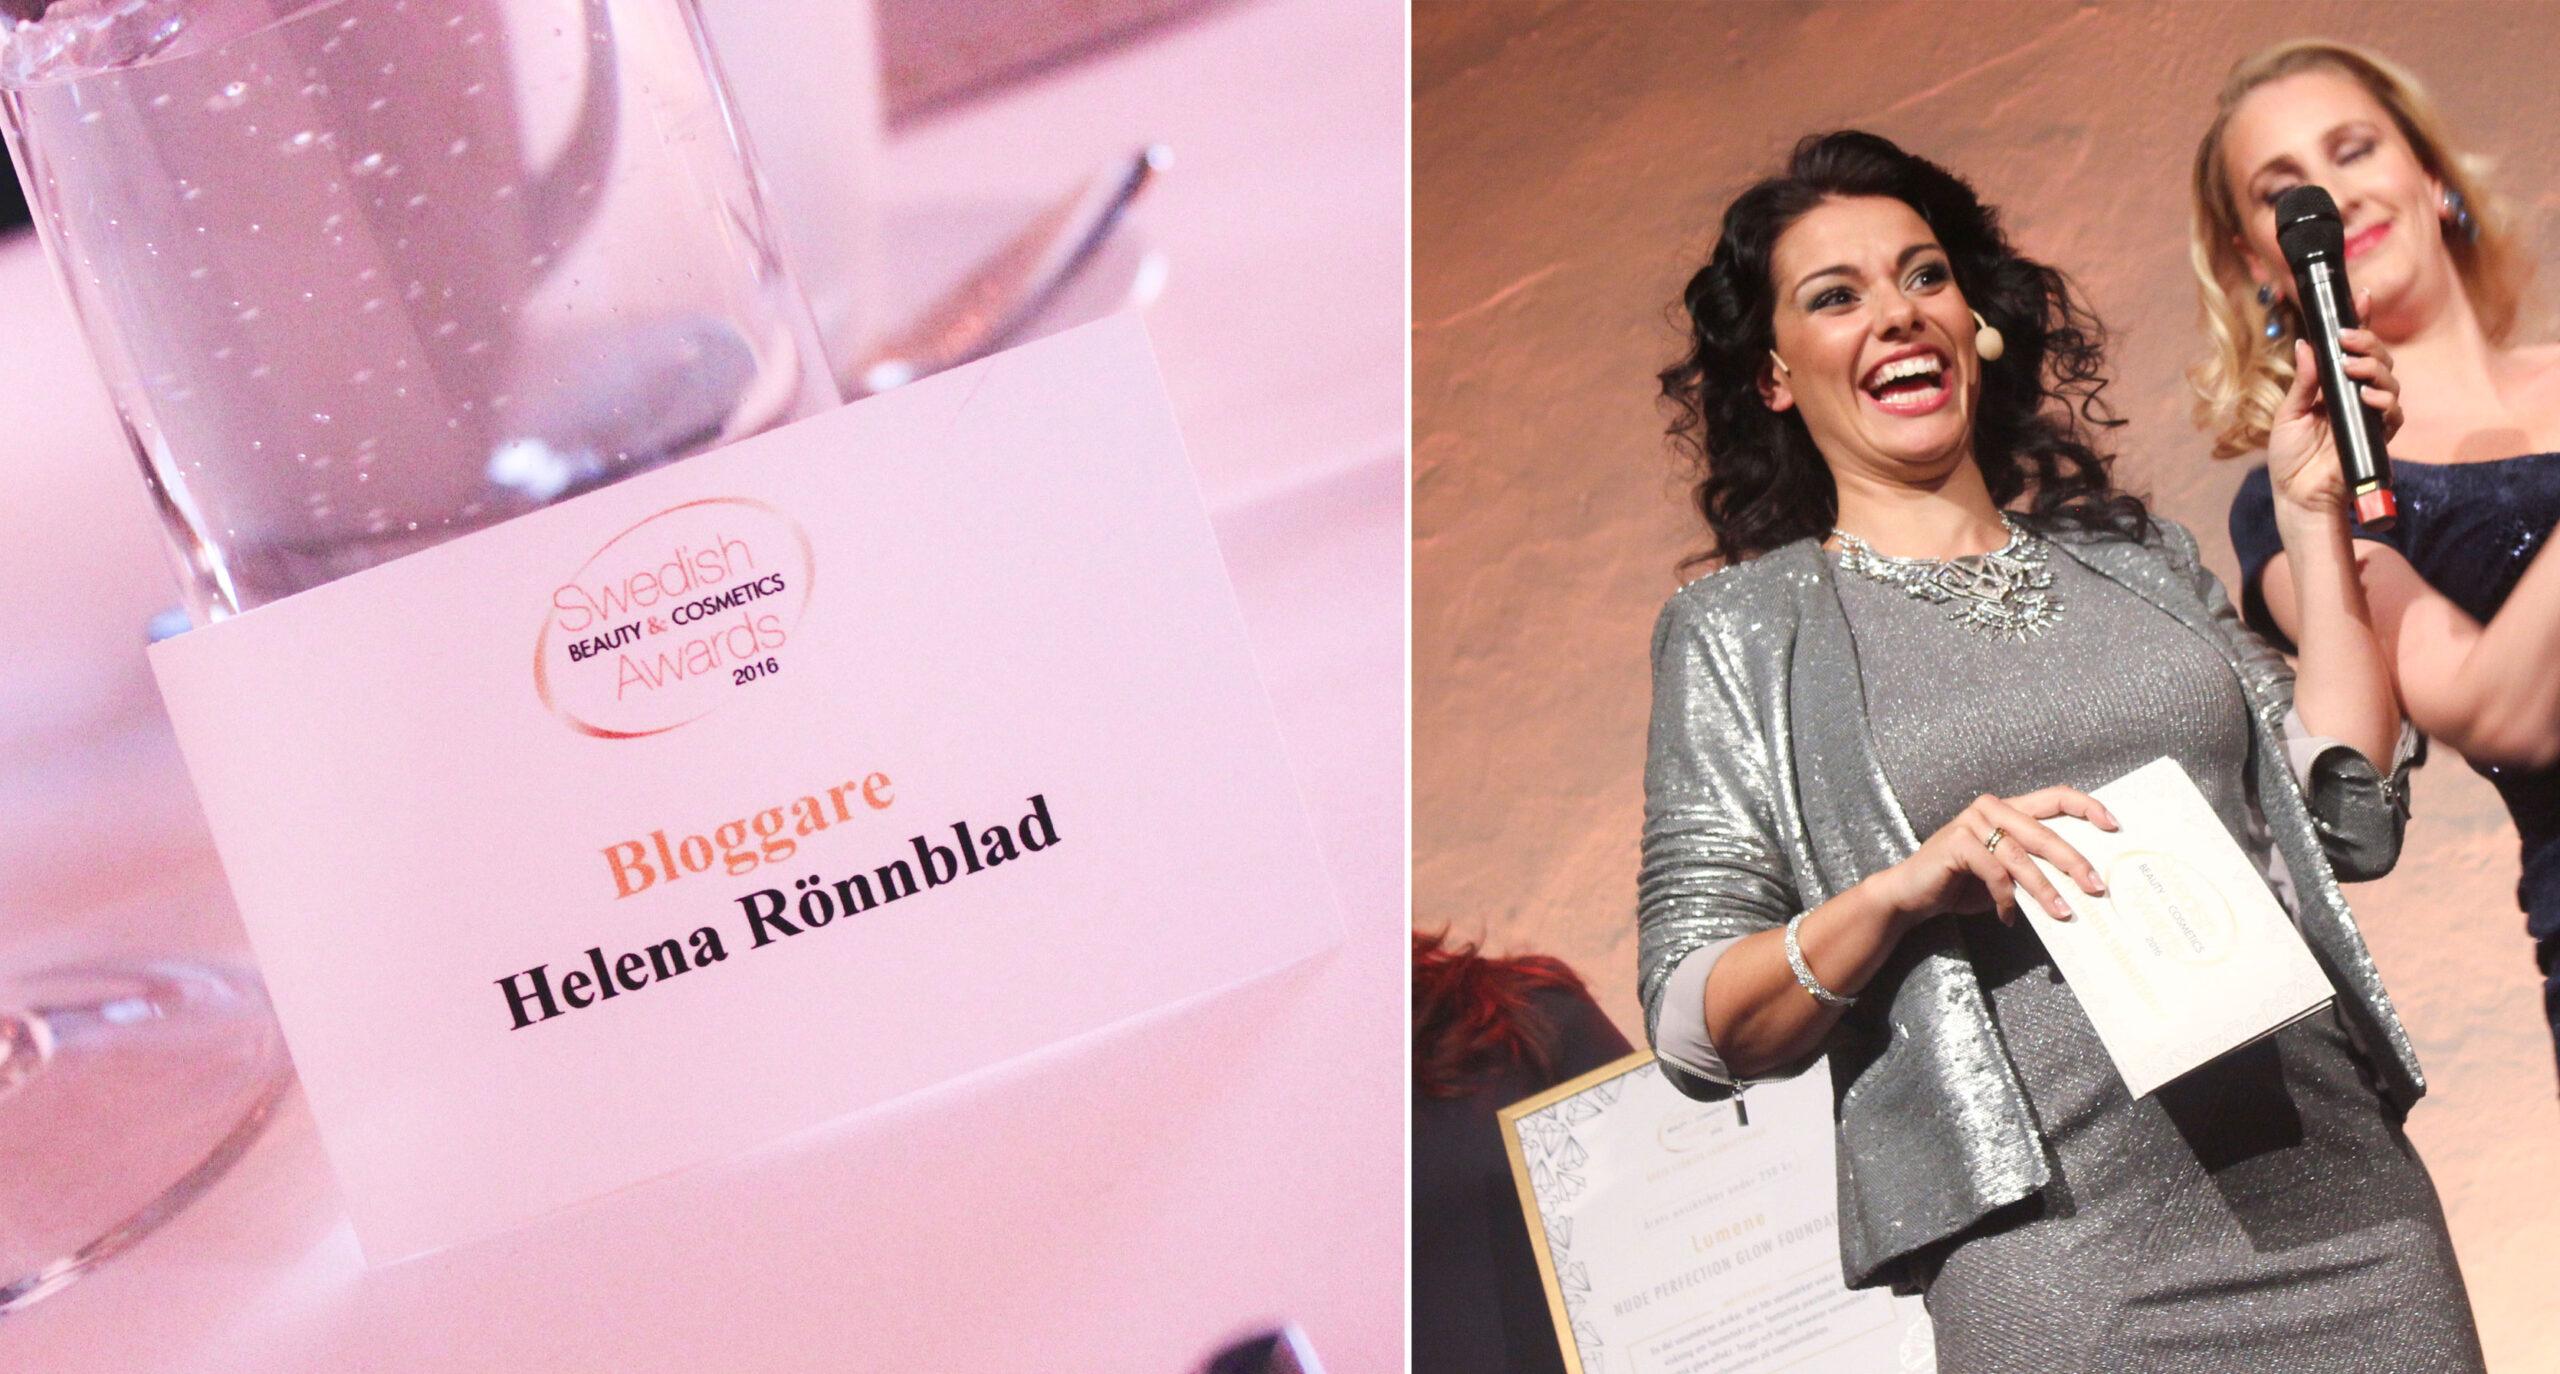 swedish-beauty - & - cosmetics-awards